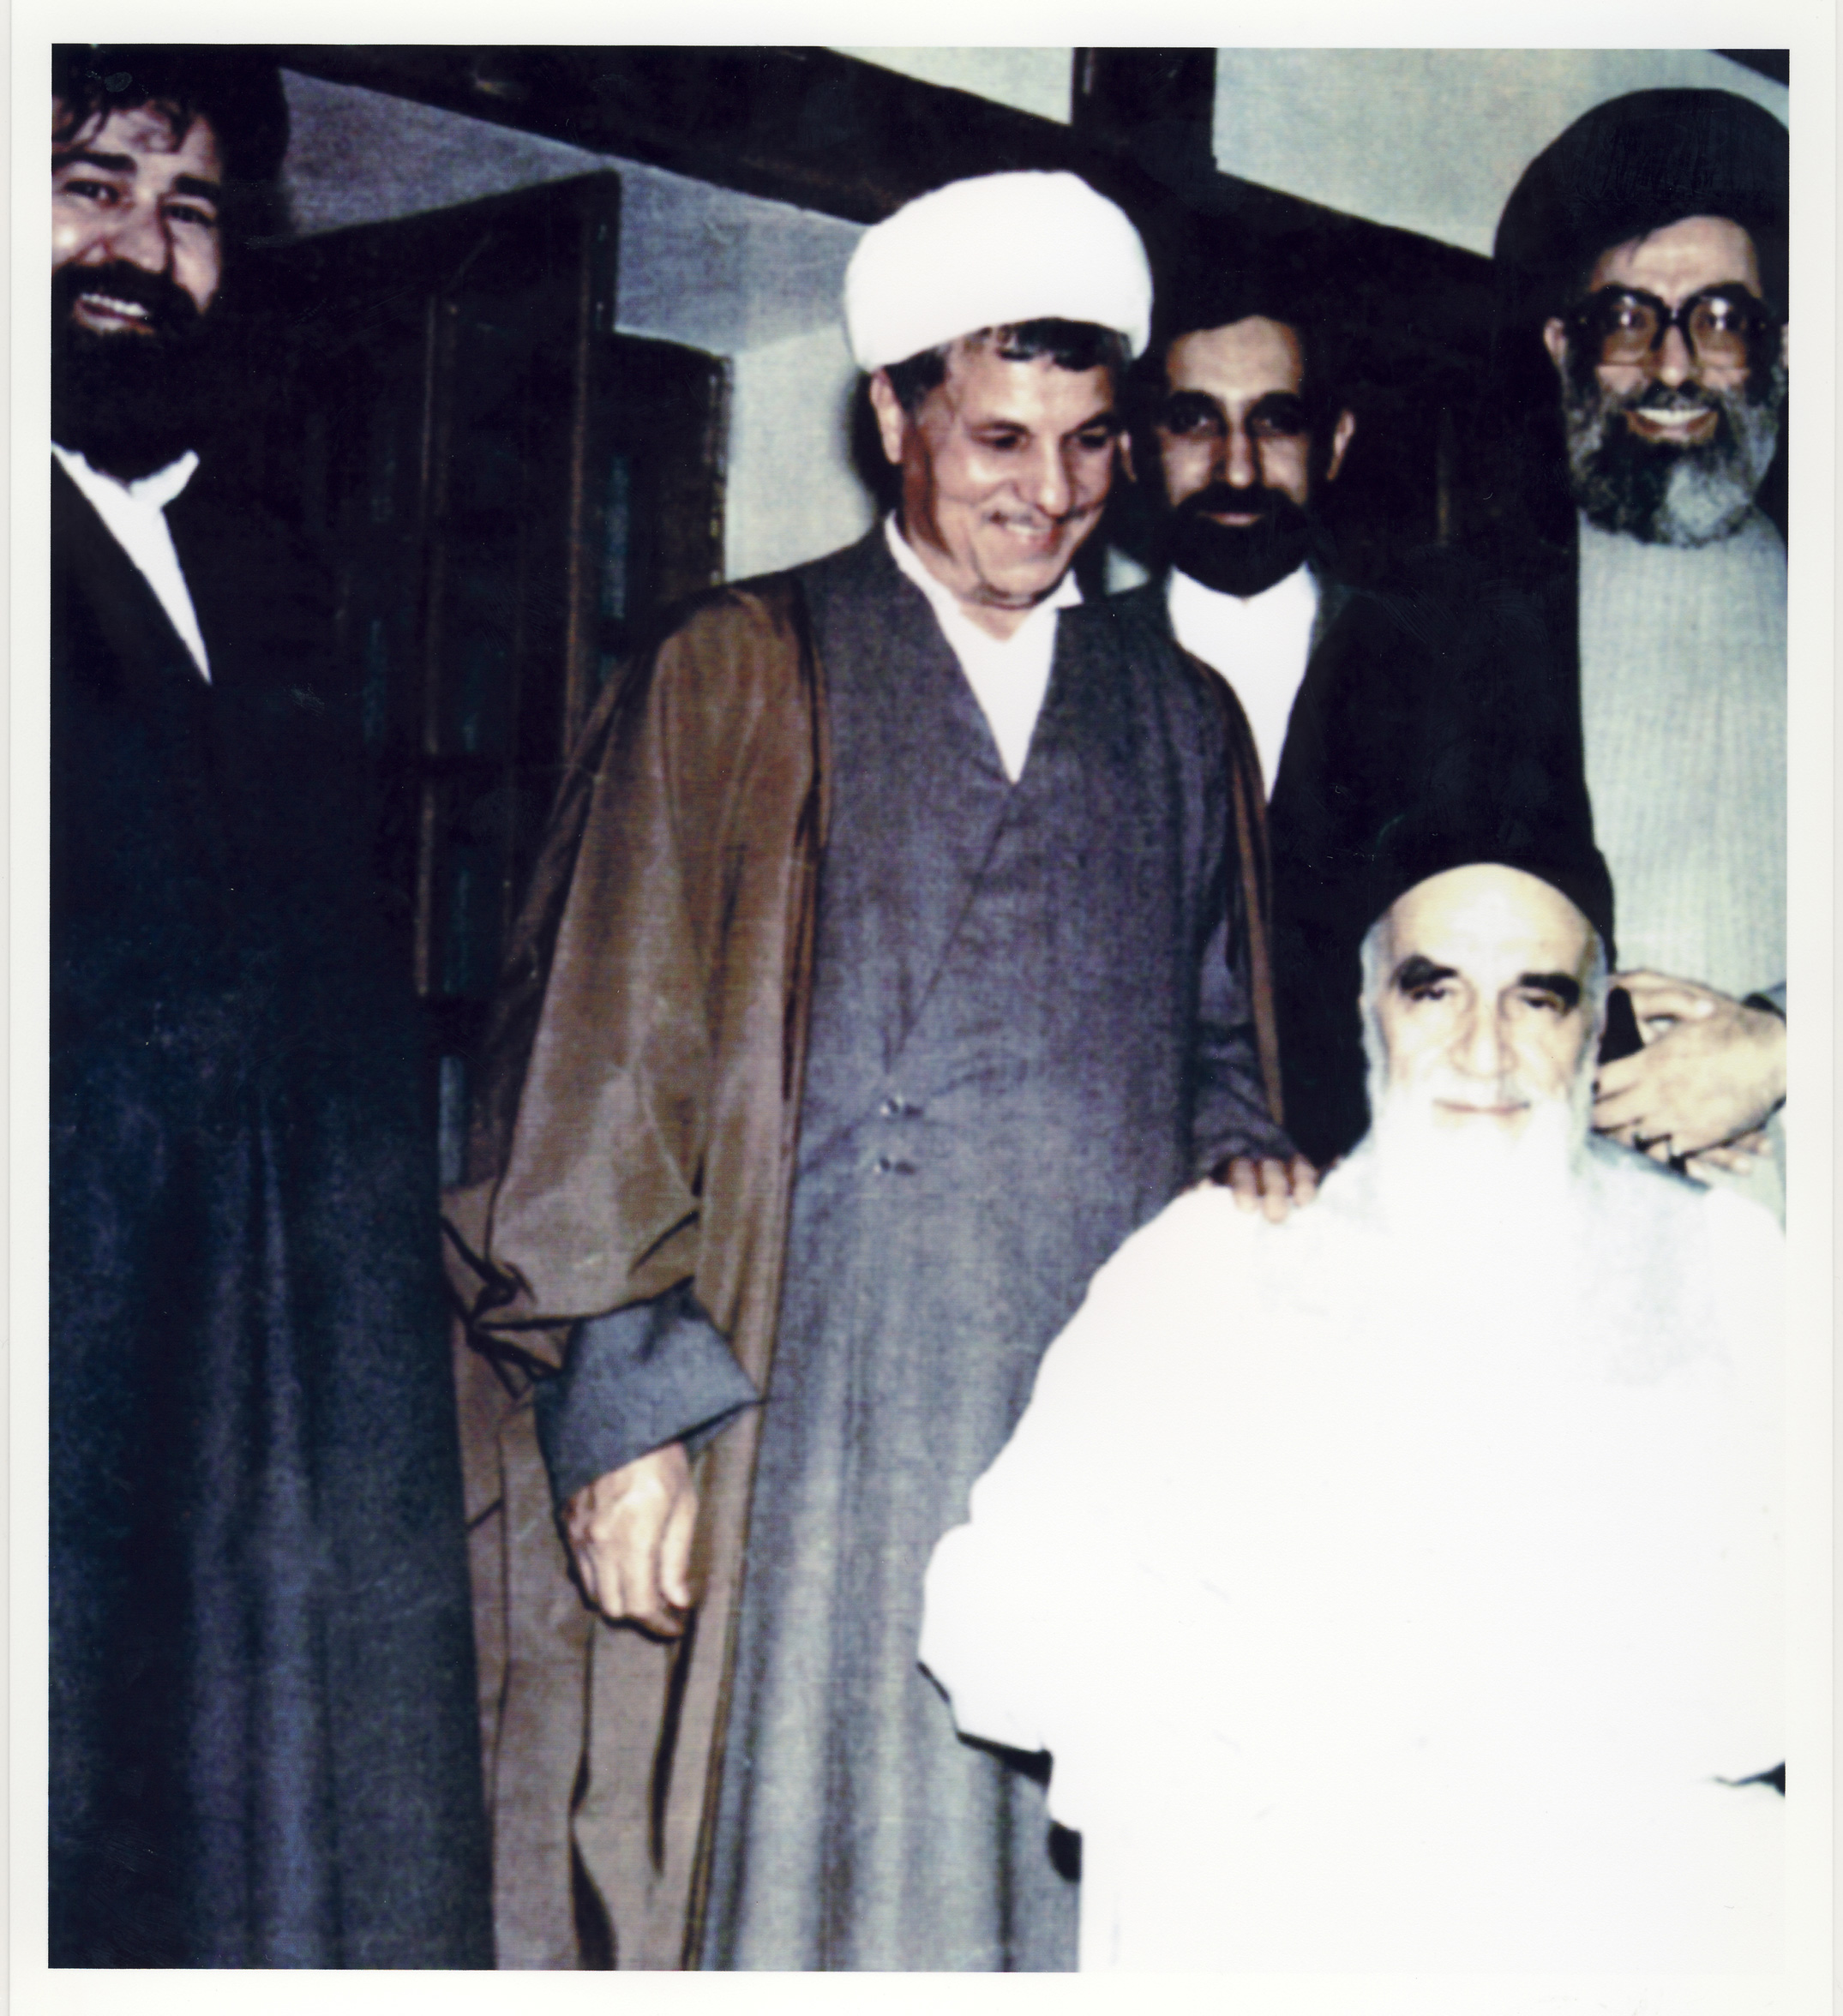 درخواست امام از ملت ایران بعد از عمل جراحی: دعا کنید خداوند مرا بپذیرد